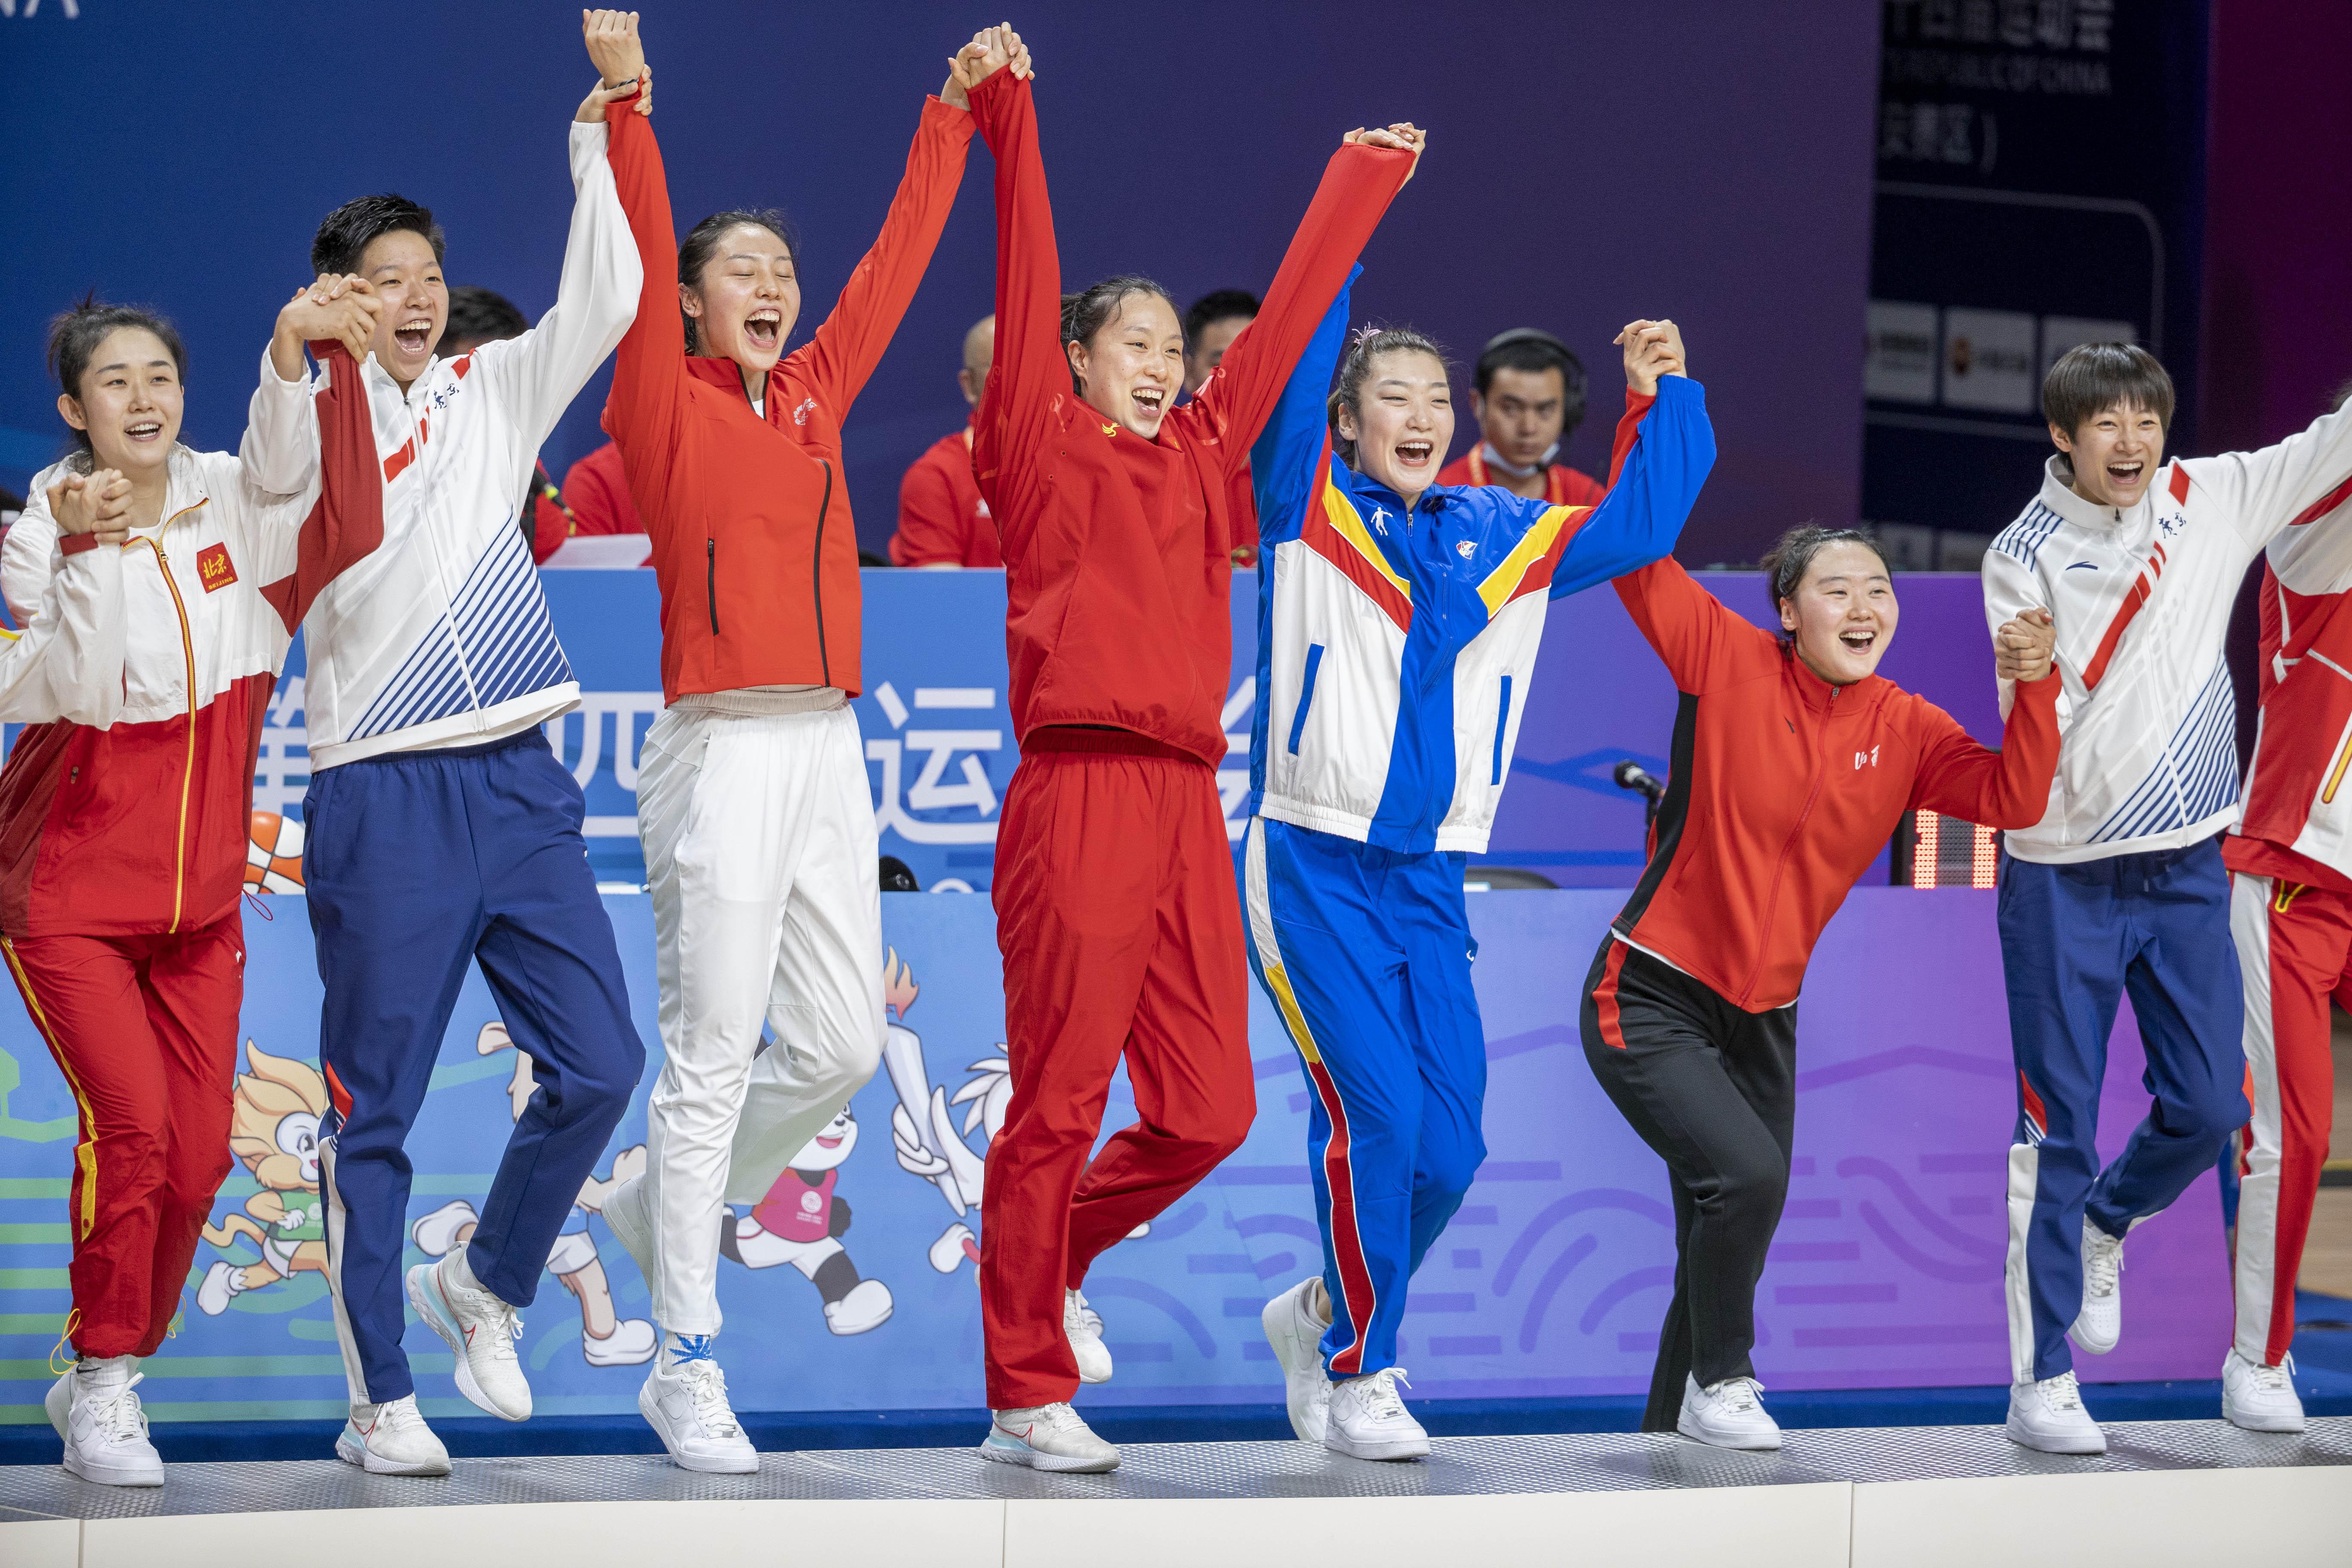 中国女篮联合队队员换上各自省市的服装,登上冠军领奖台。